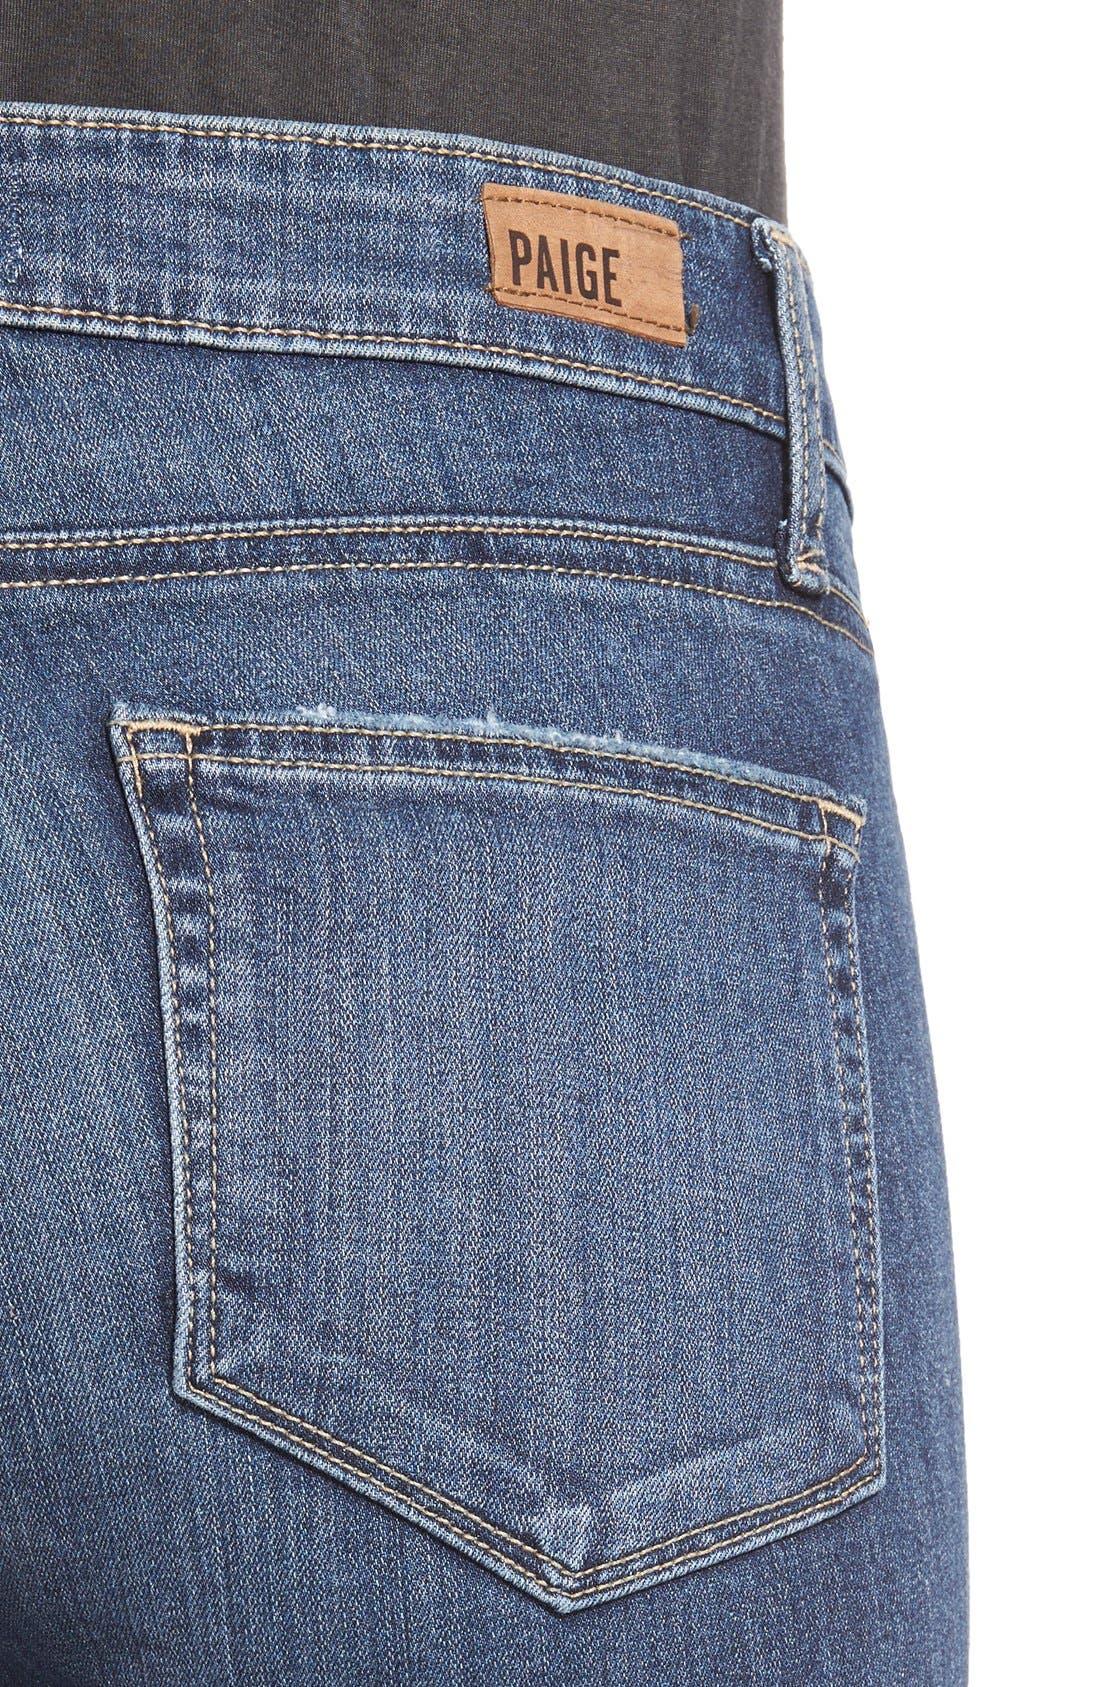 Alternate Image 4  - Paige Denim 'Transcend - Verdugo' Ultra Skinny Jeans (Silas Destructed)